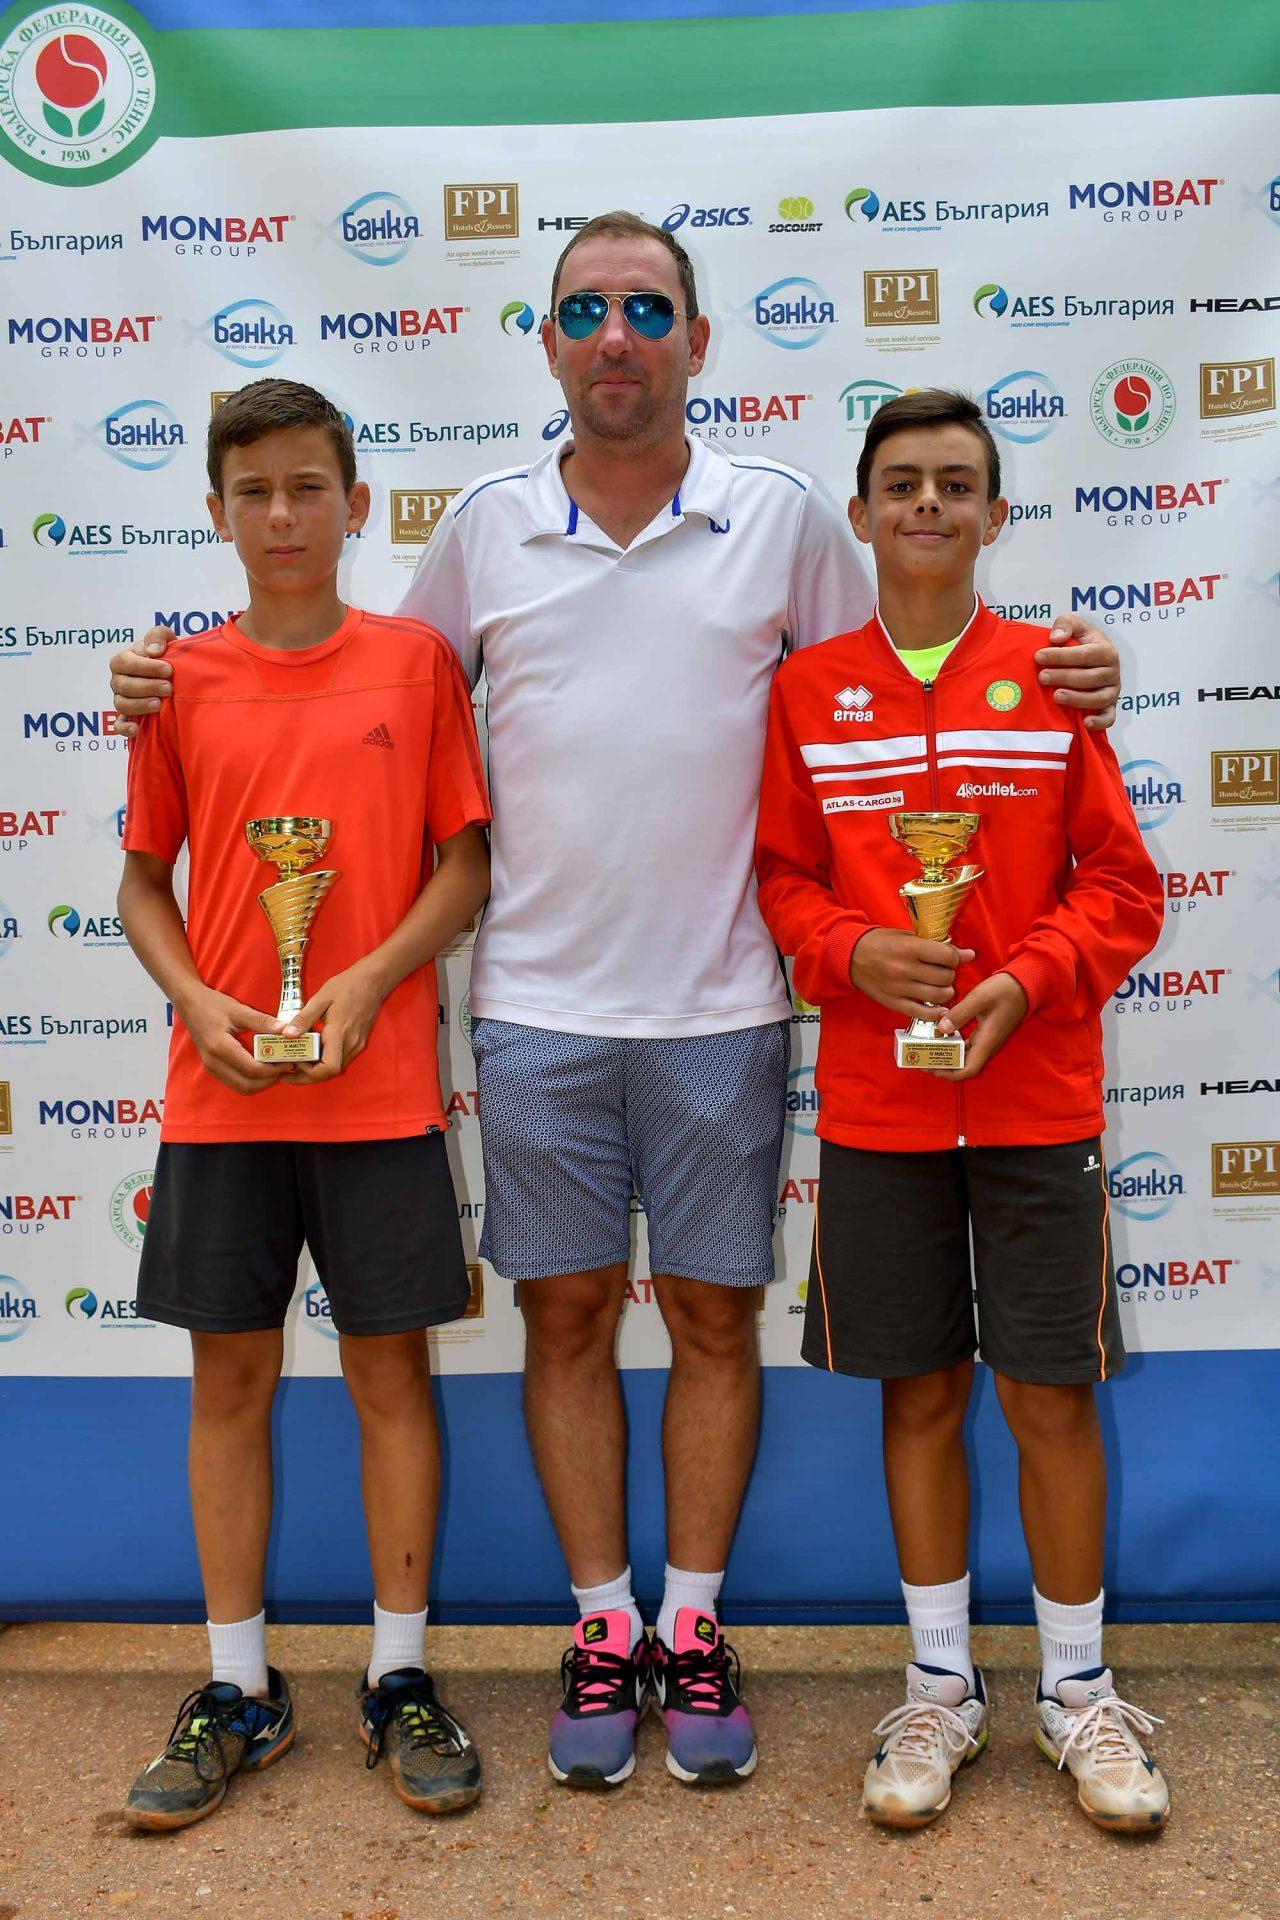 Държавно първенство тенис до 14 год. ТК 15-40 финал двойки (45)